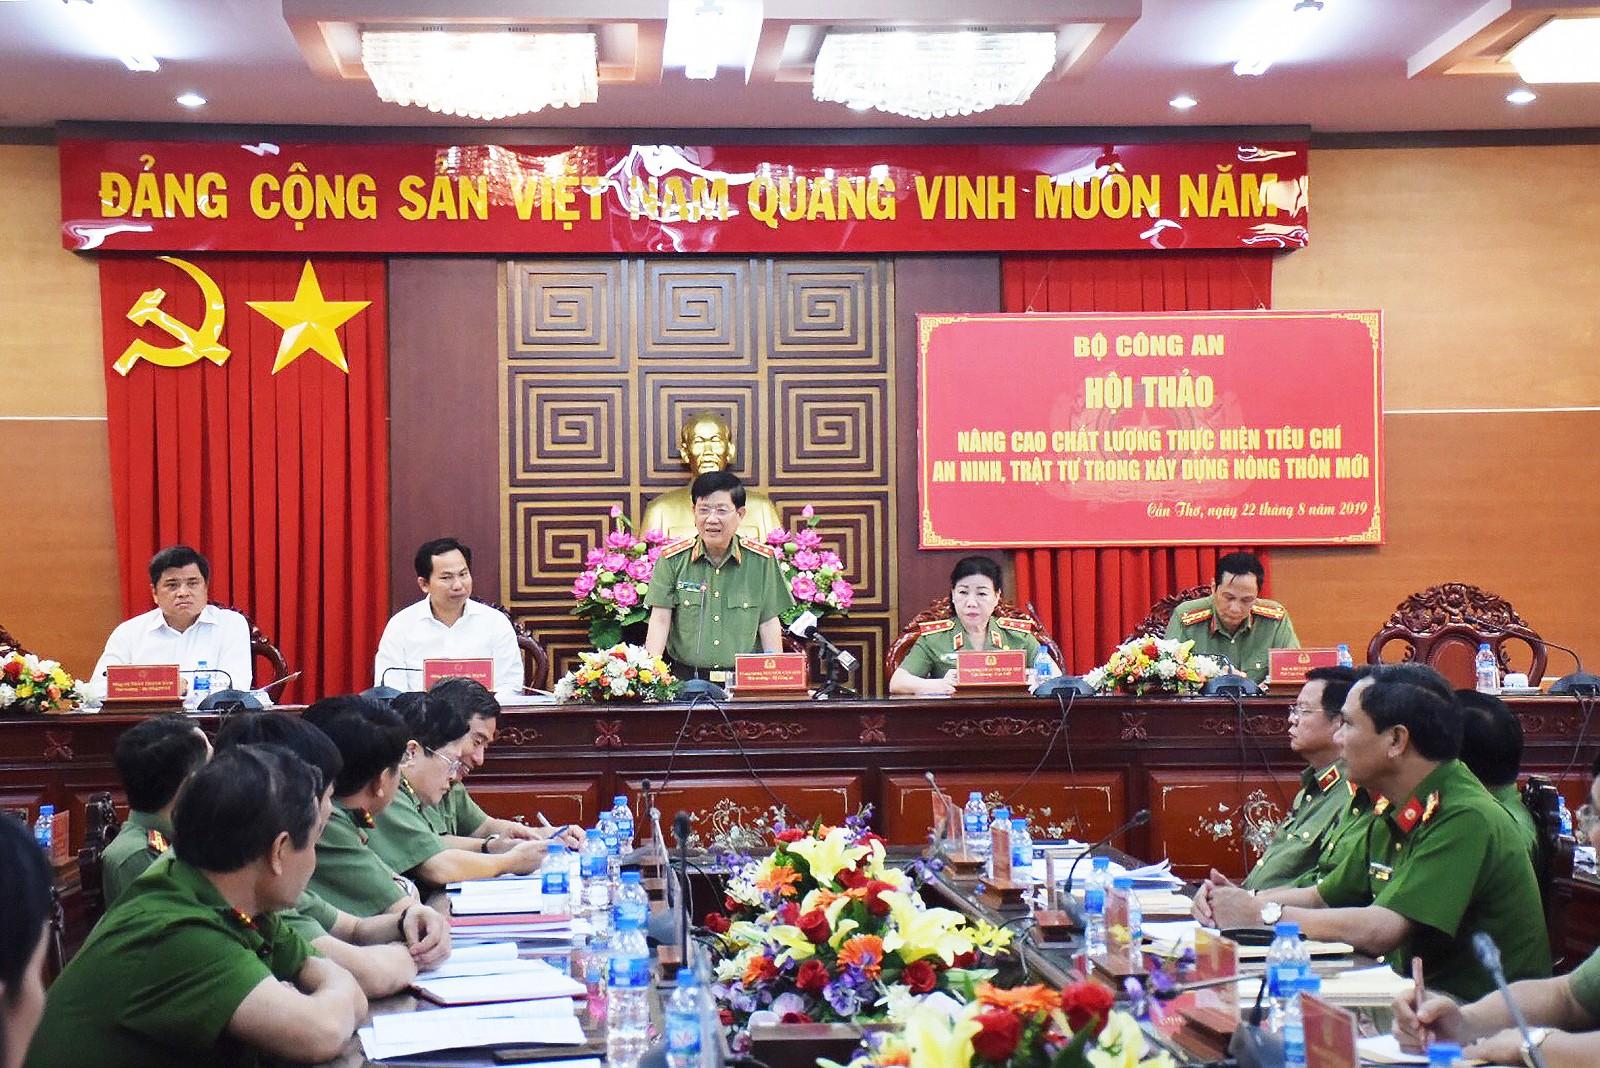 Trung tướng Nguyễn Văn Sơn, Thứ trưởng Bộ Công an, phát biểu chỉ đạo tại hội thảo.